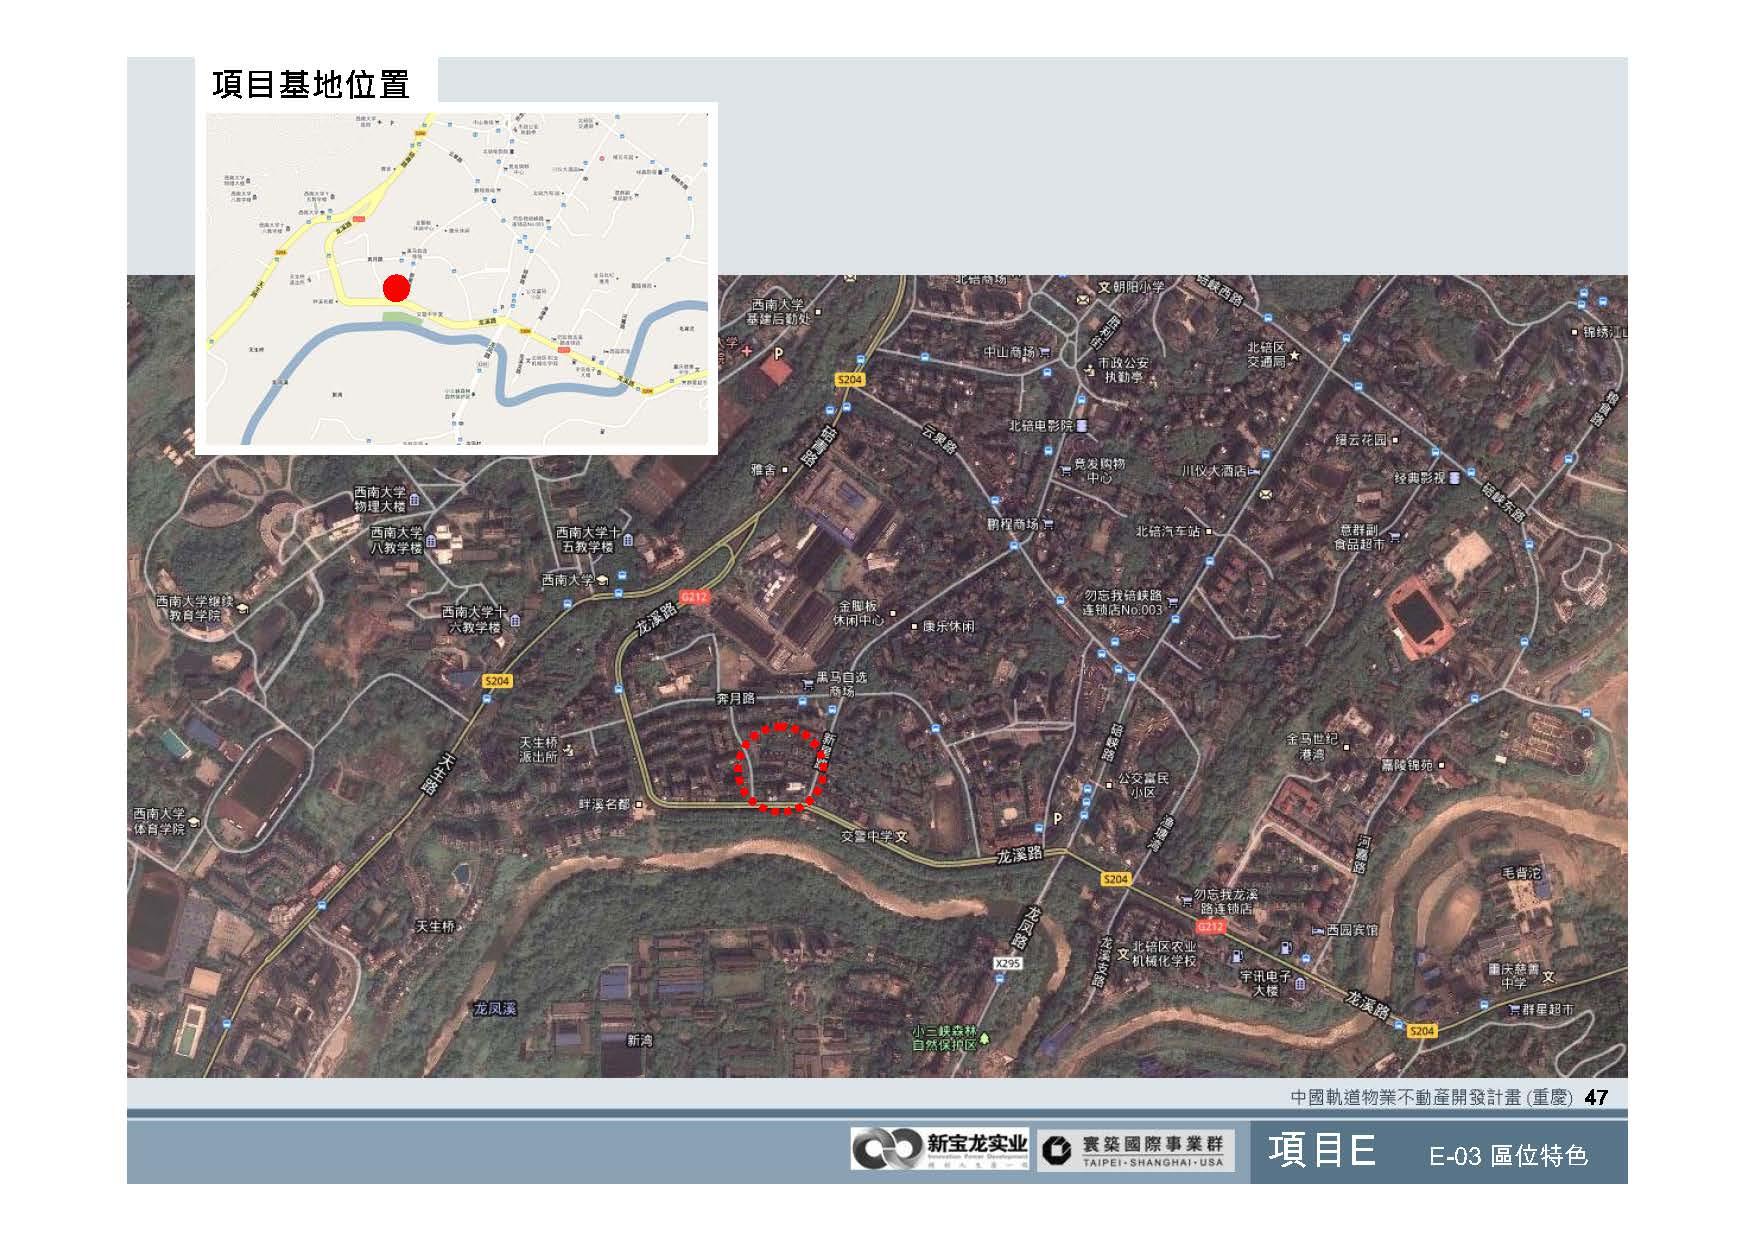 20100812-中國軌道物業不動產開發計畫(重慶)_頁面_48